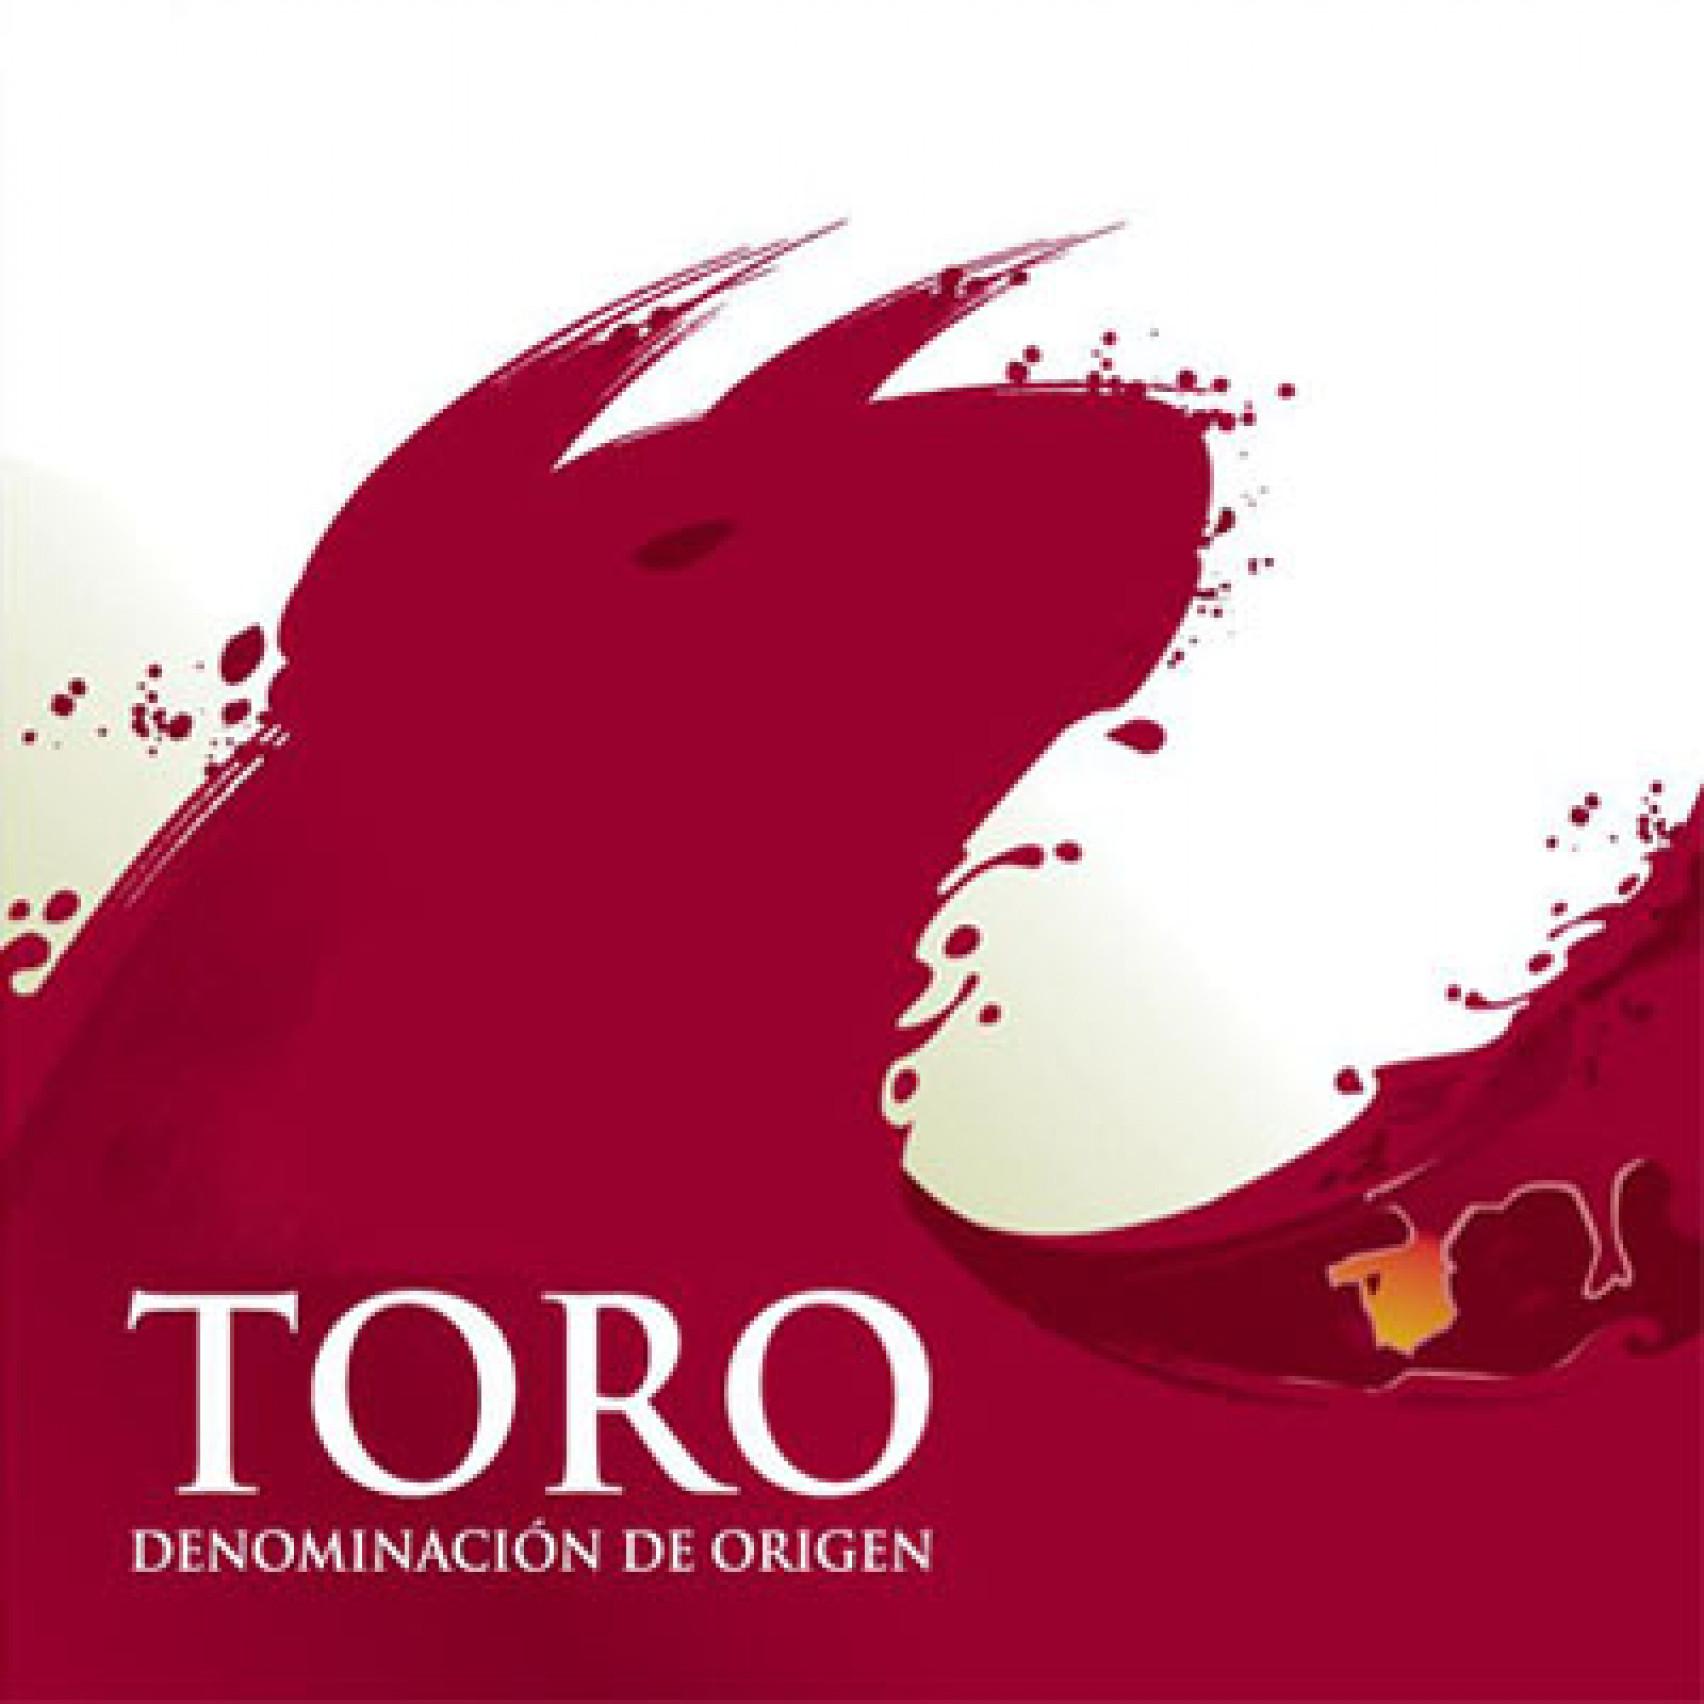 Els vins de la DO Toro